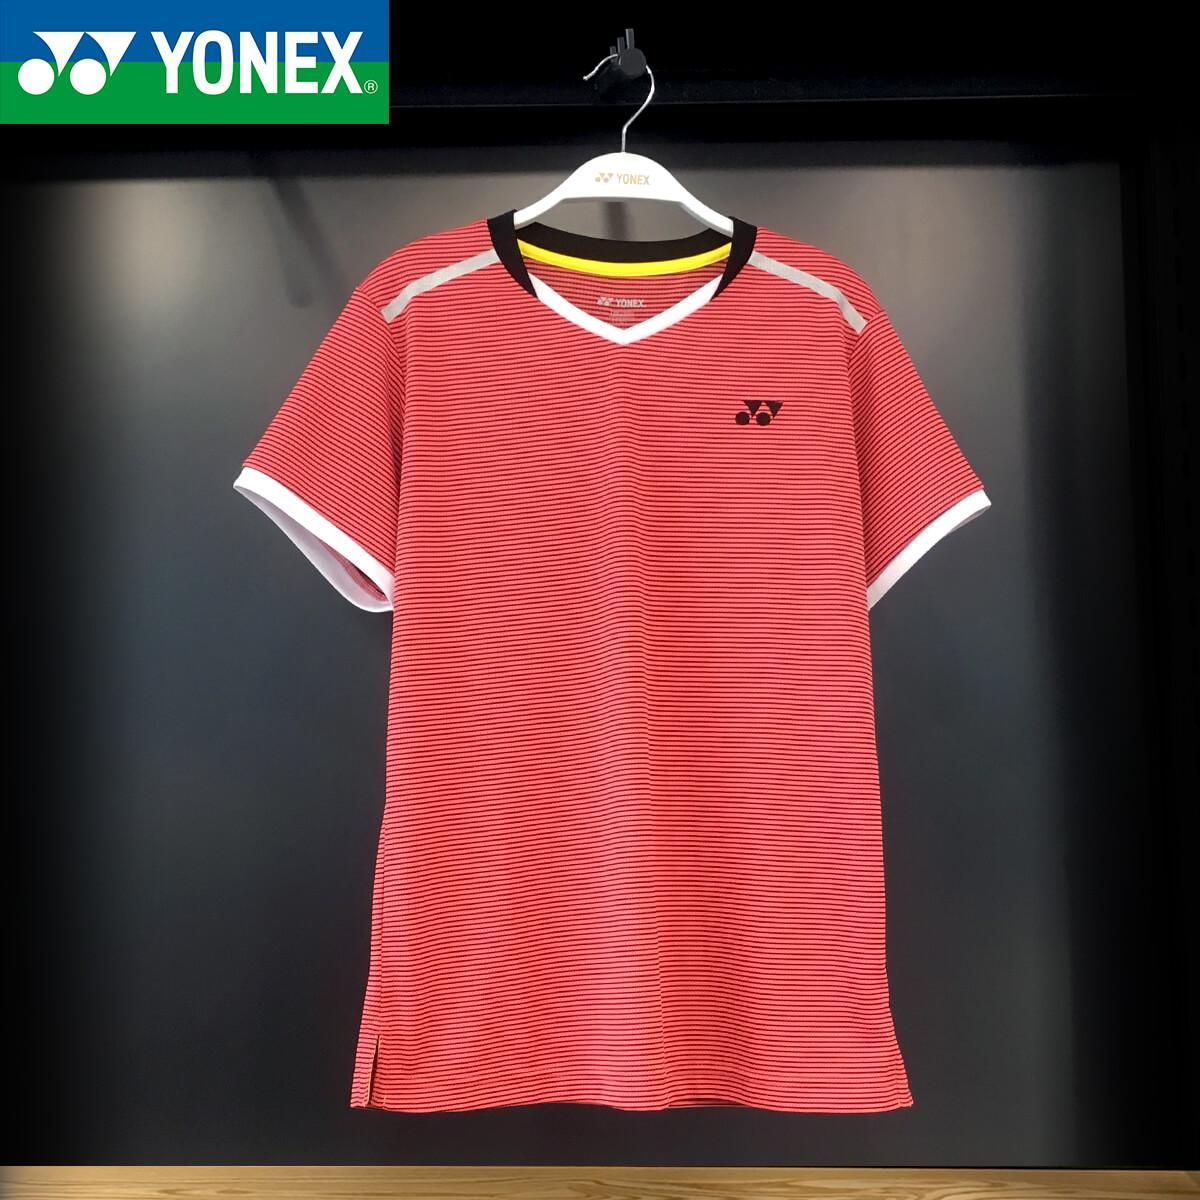 官网正品YONEX尤尼克斯2018夏季新款女款羽毛球服速干圆领短袖T恤